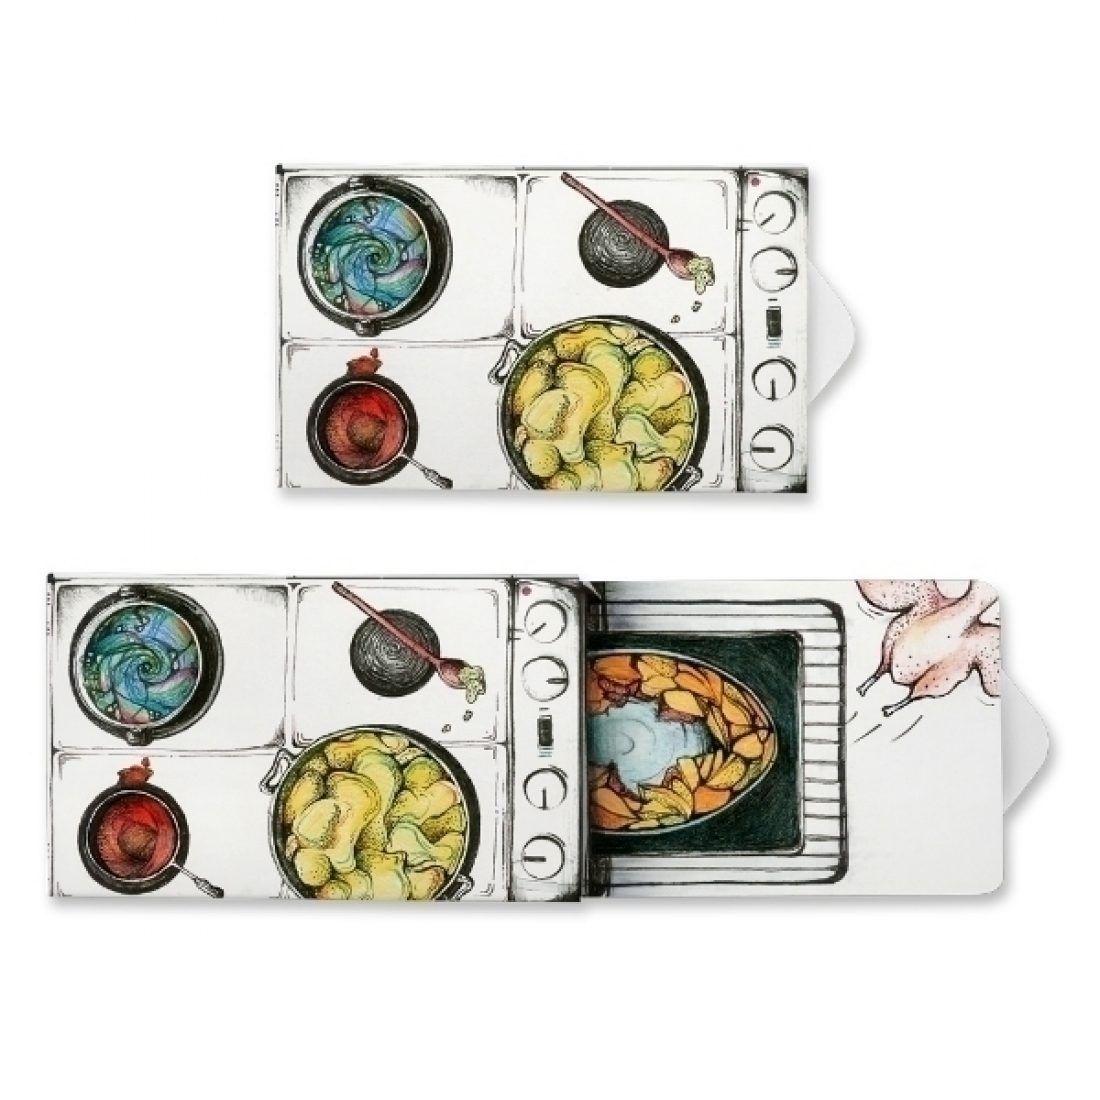 Küchenzauber - Carolina Rossi, Charitygum